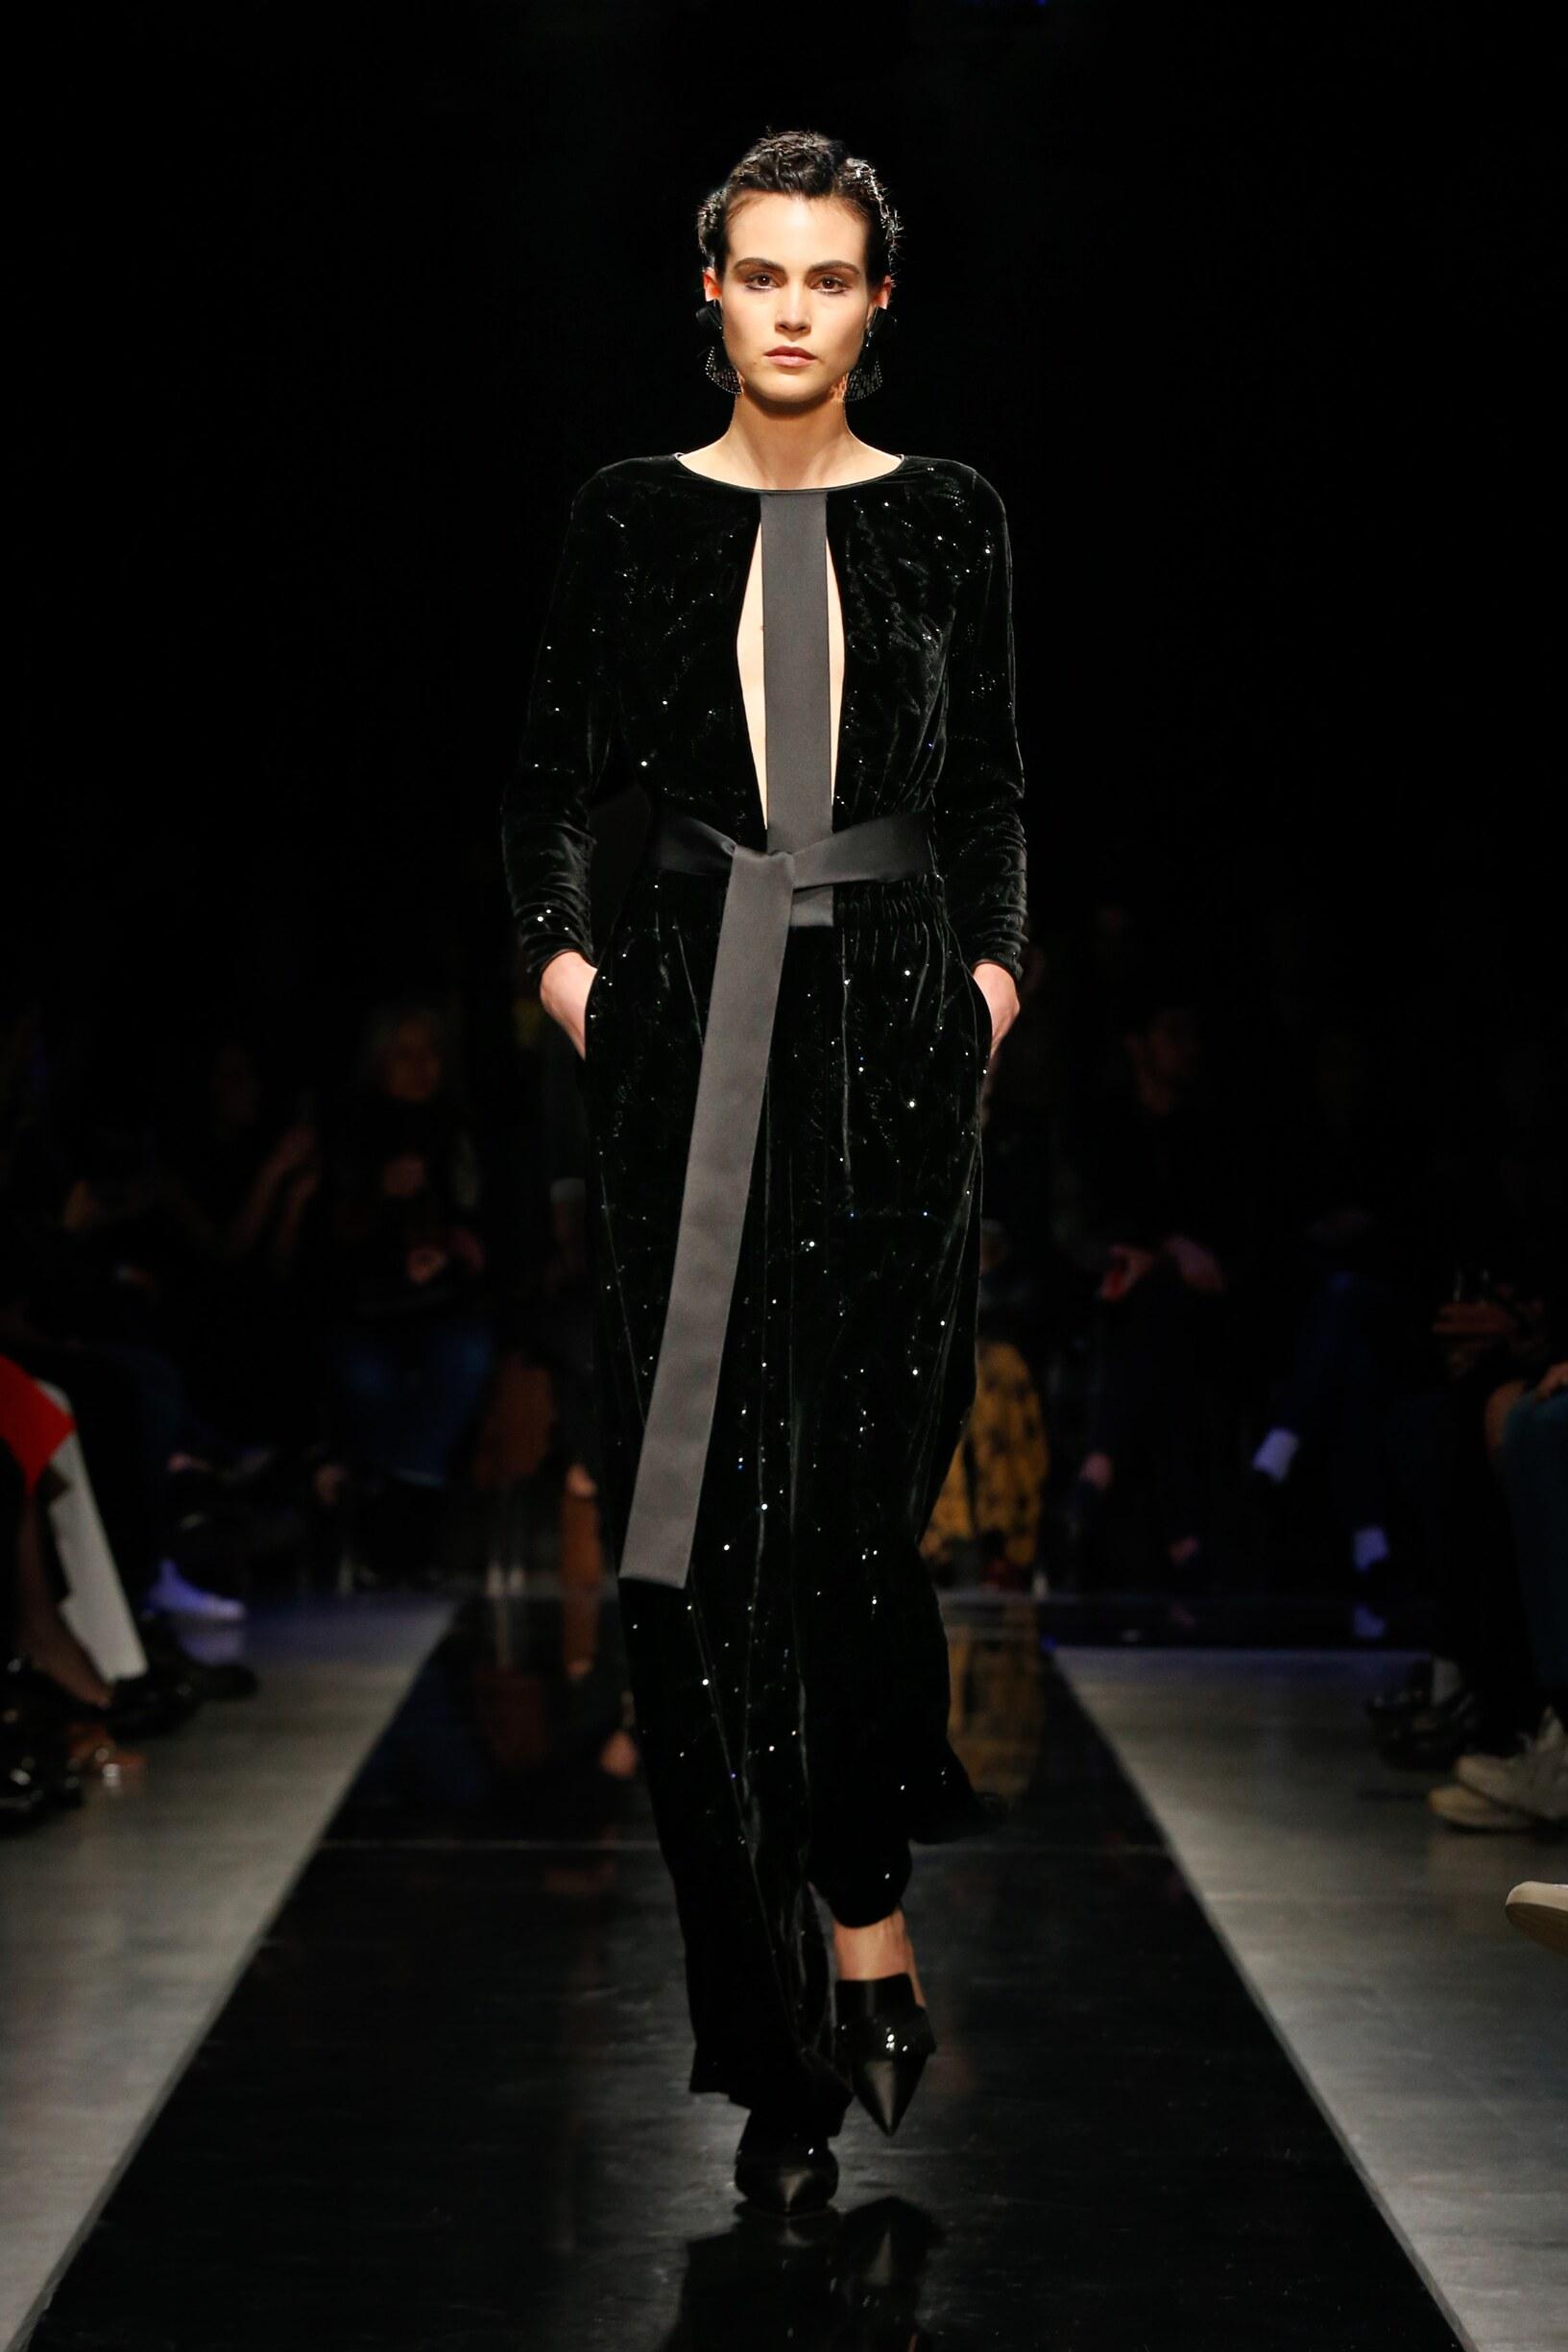 Winter 2019 Woman Trends Giorgio Armani